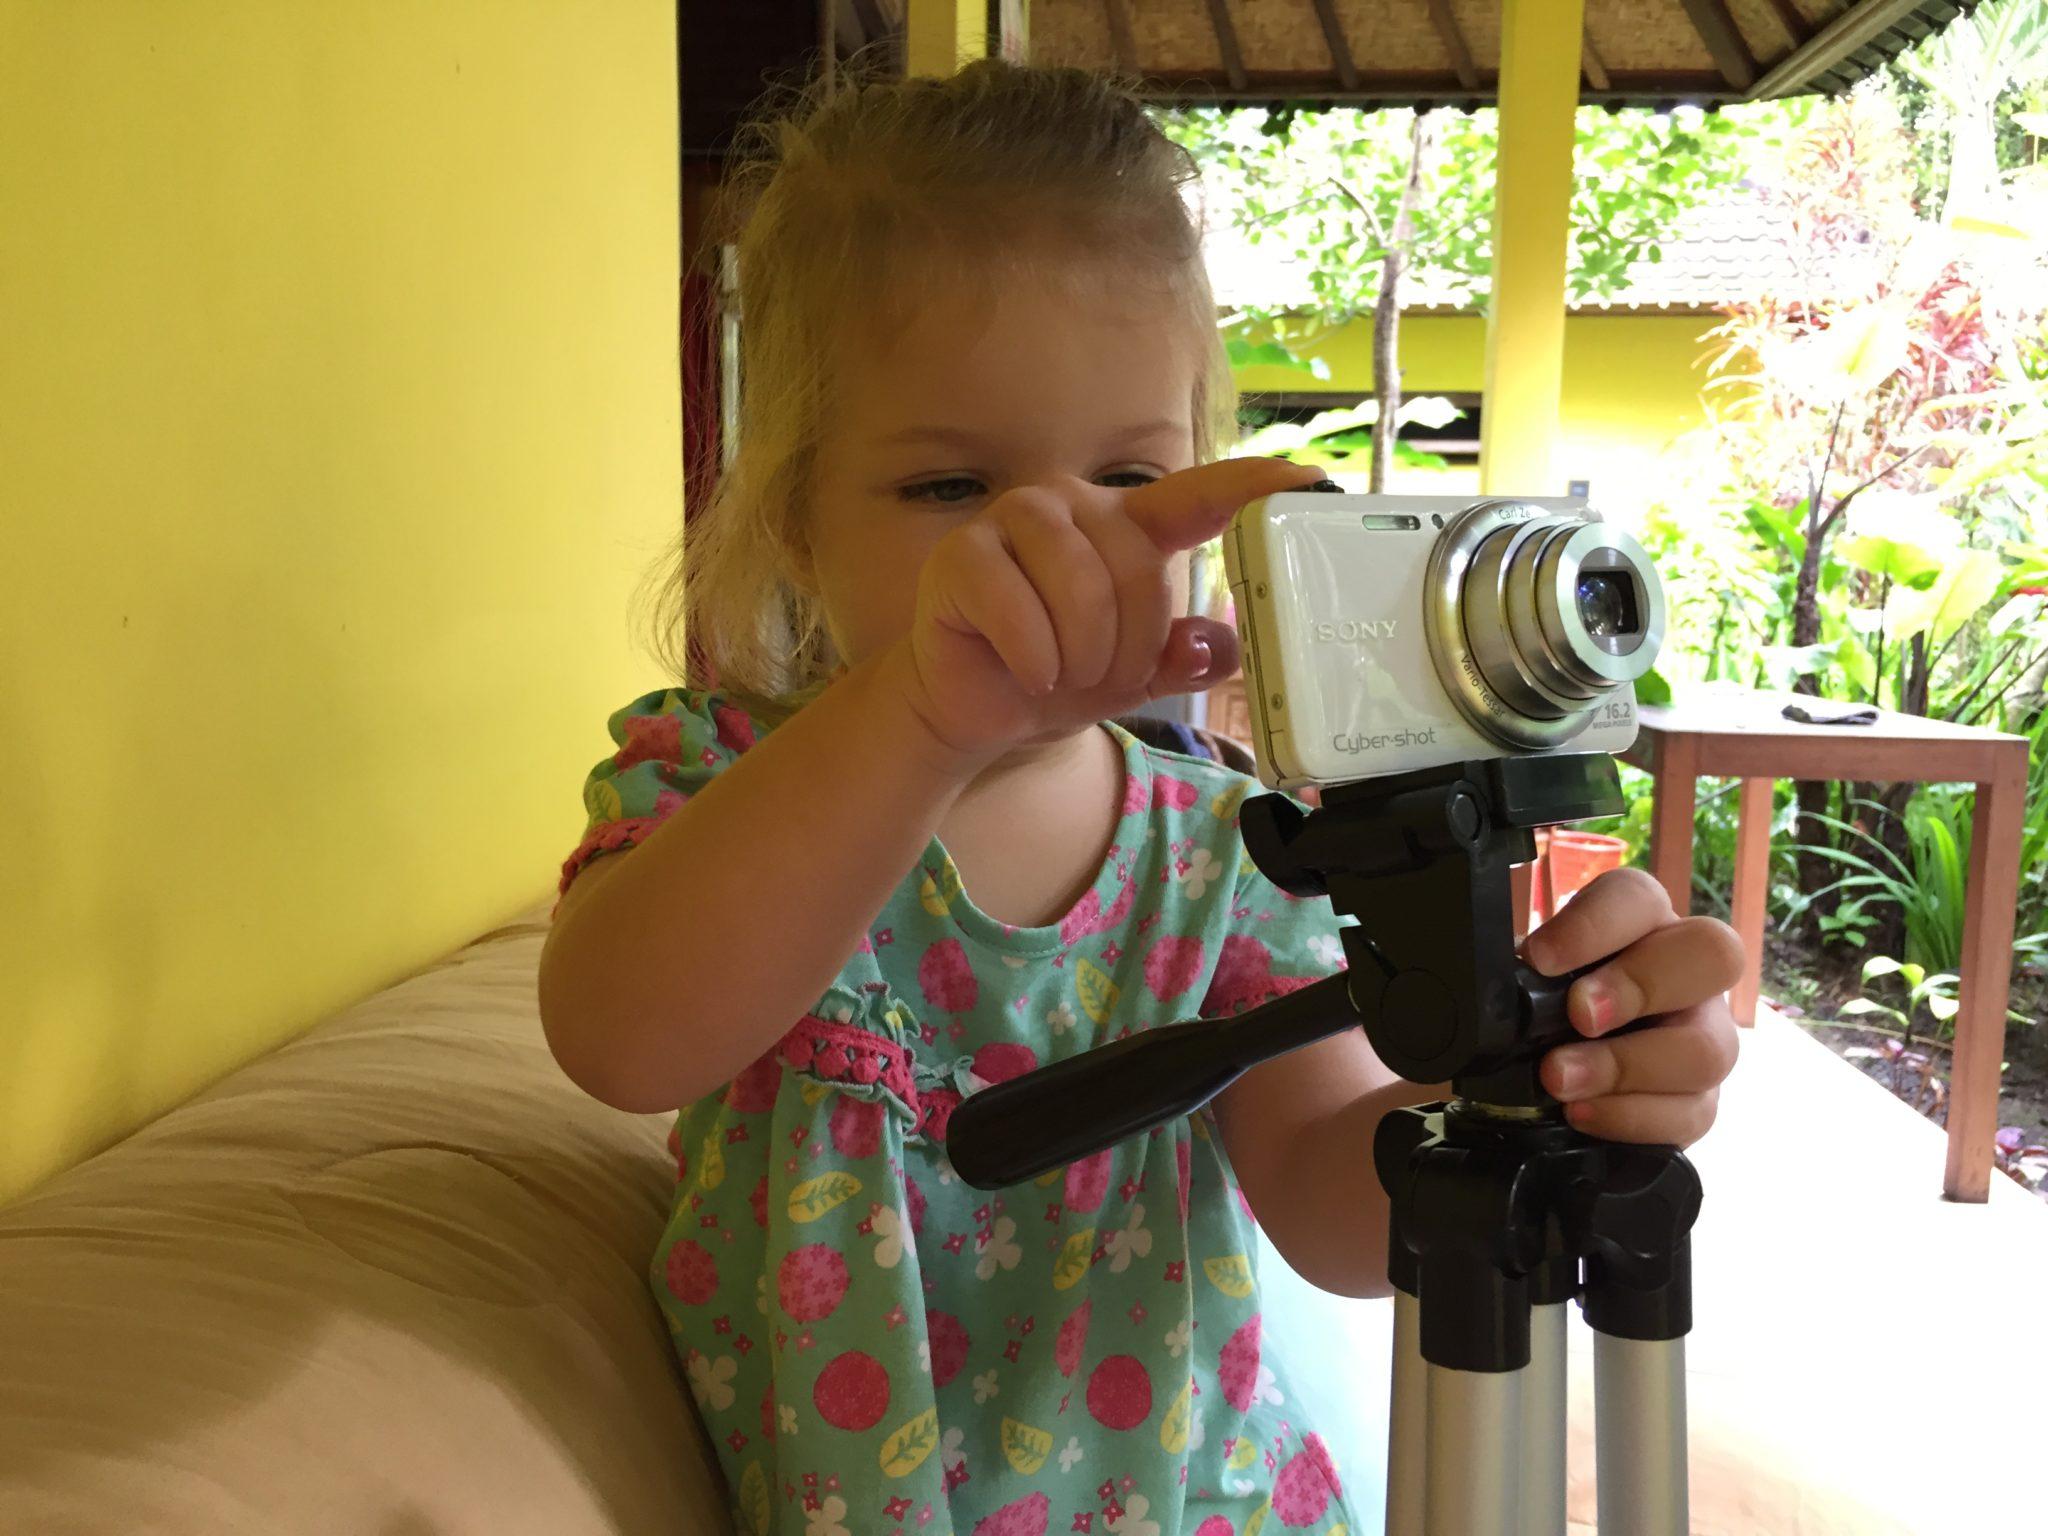 Zweijährige mit Kamera.